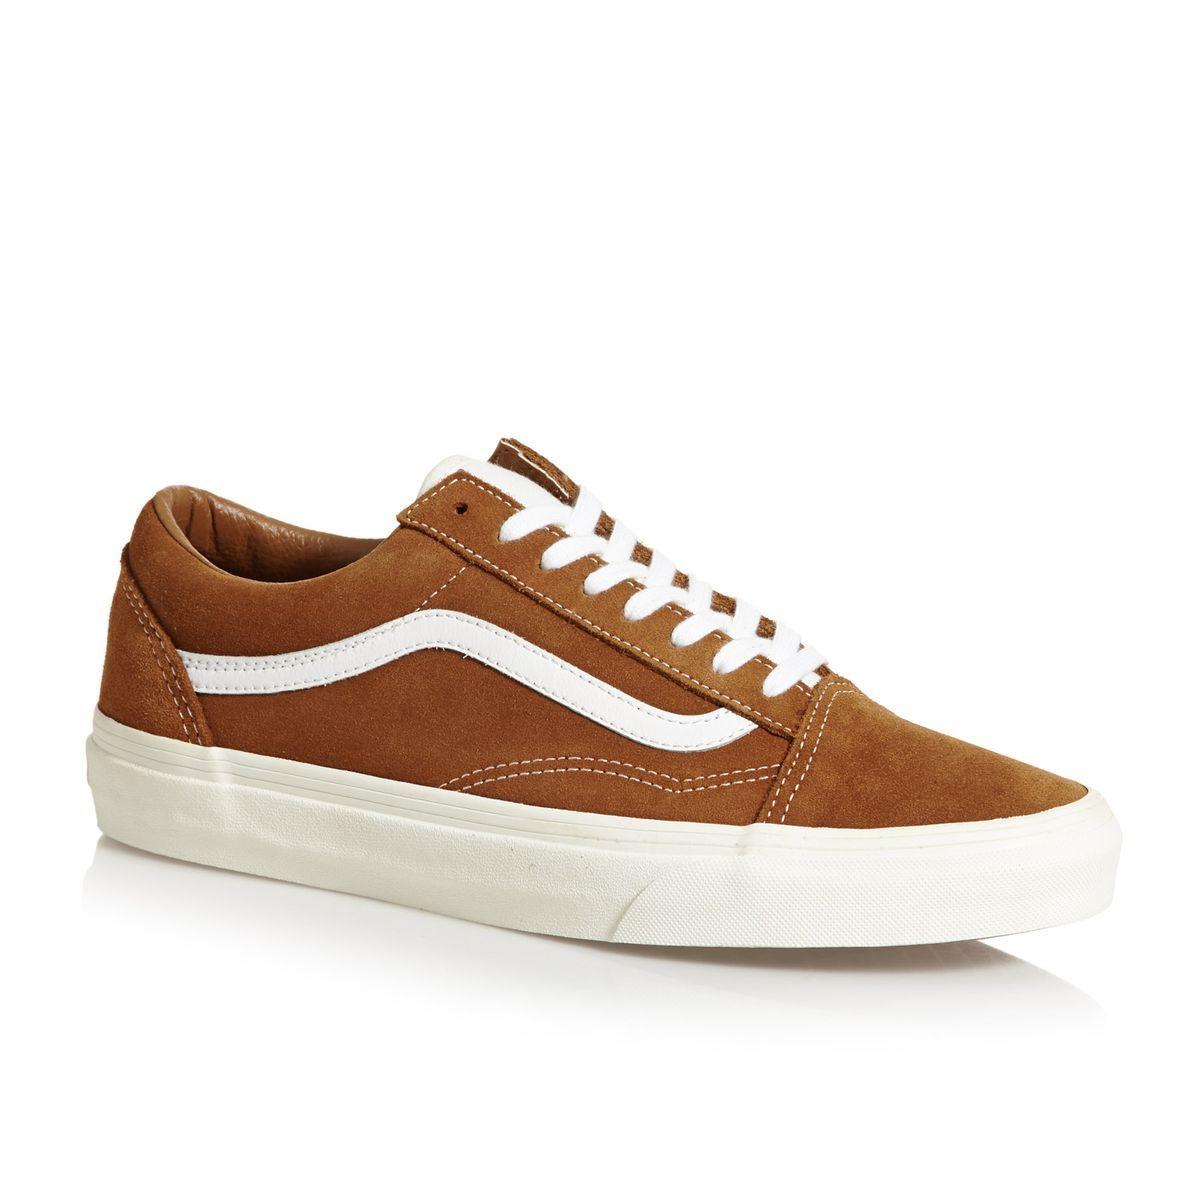 2de5174a58b Vans UA Old Skool Skate Shoes - Retro Sport Glazed Ginger